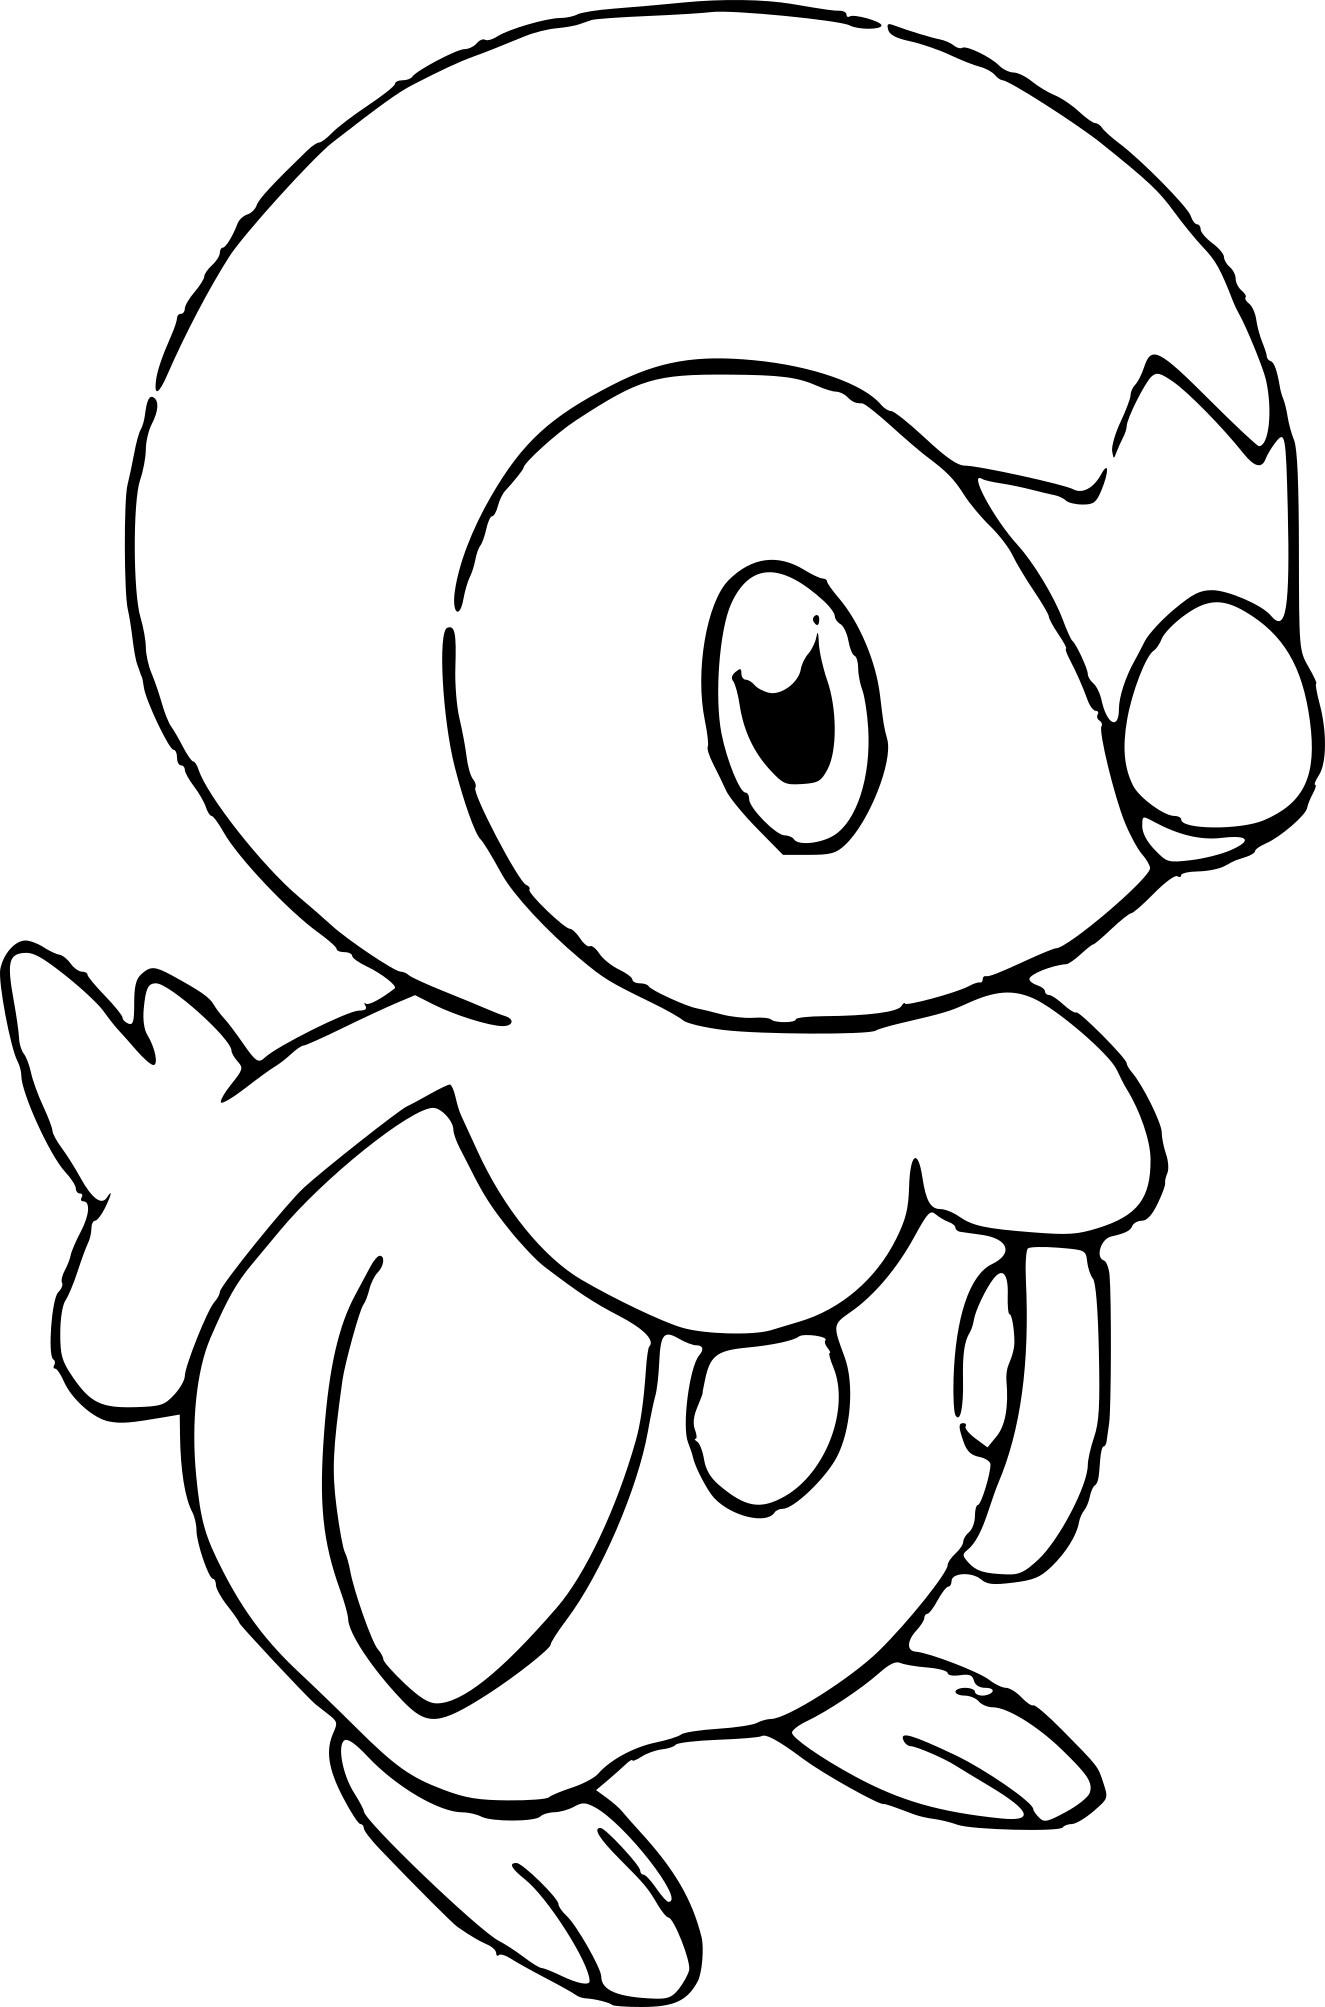 Coloriage Pokemon Tiplouf À Imprimer tout Dessin Pokemon Gratuit A Imprimer